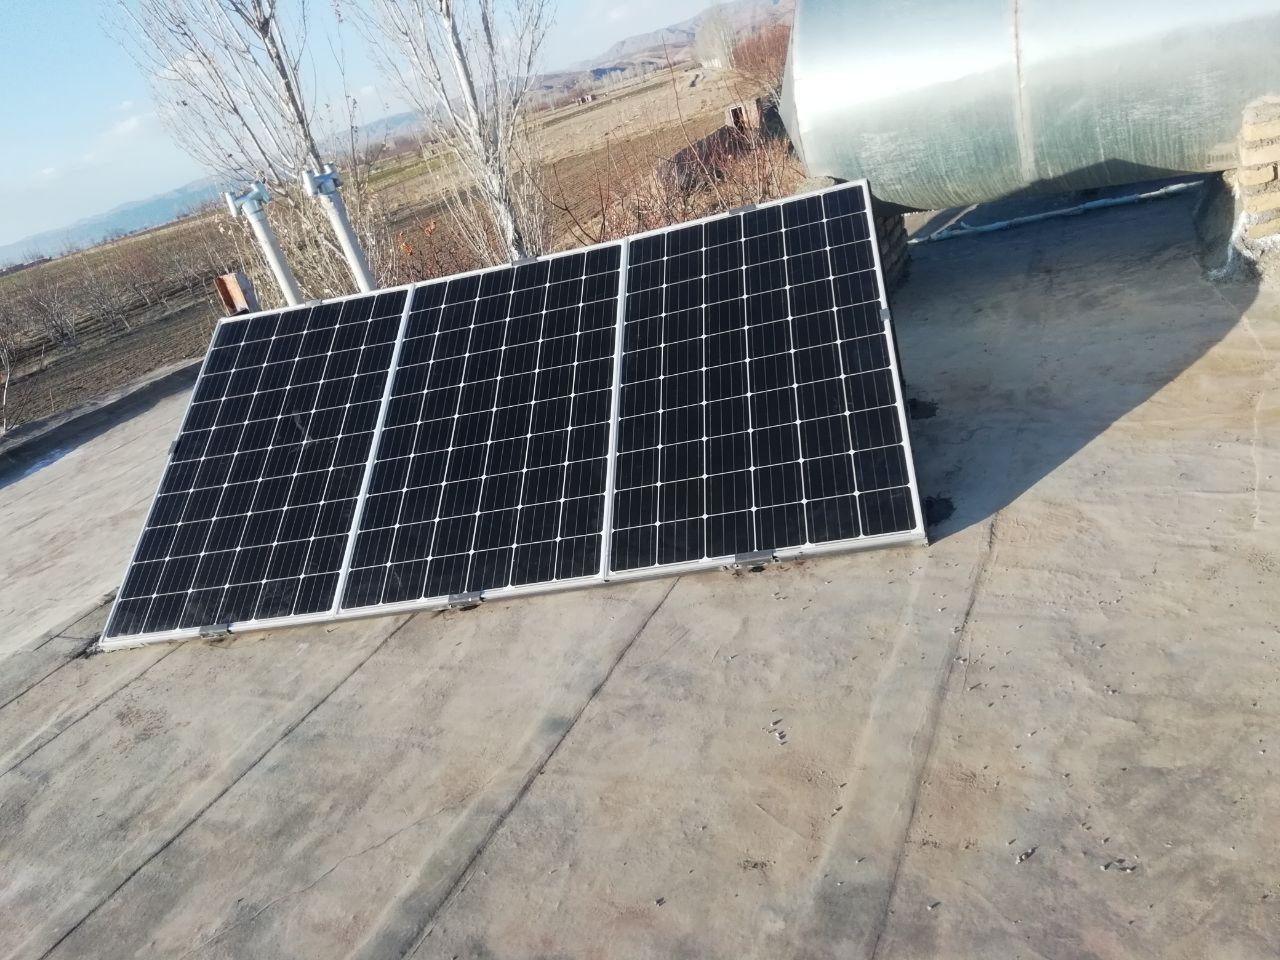 پکیج تلویزیون و لامپ 660 واتی برق خورشیدی . 09913566338